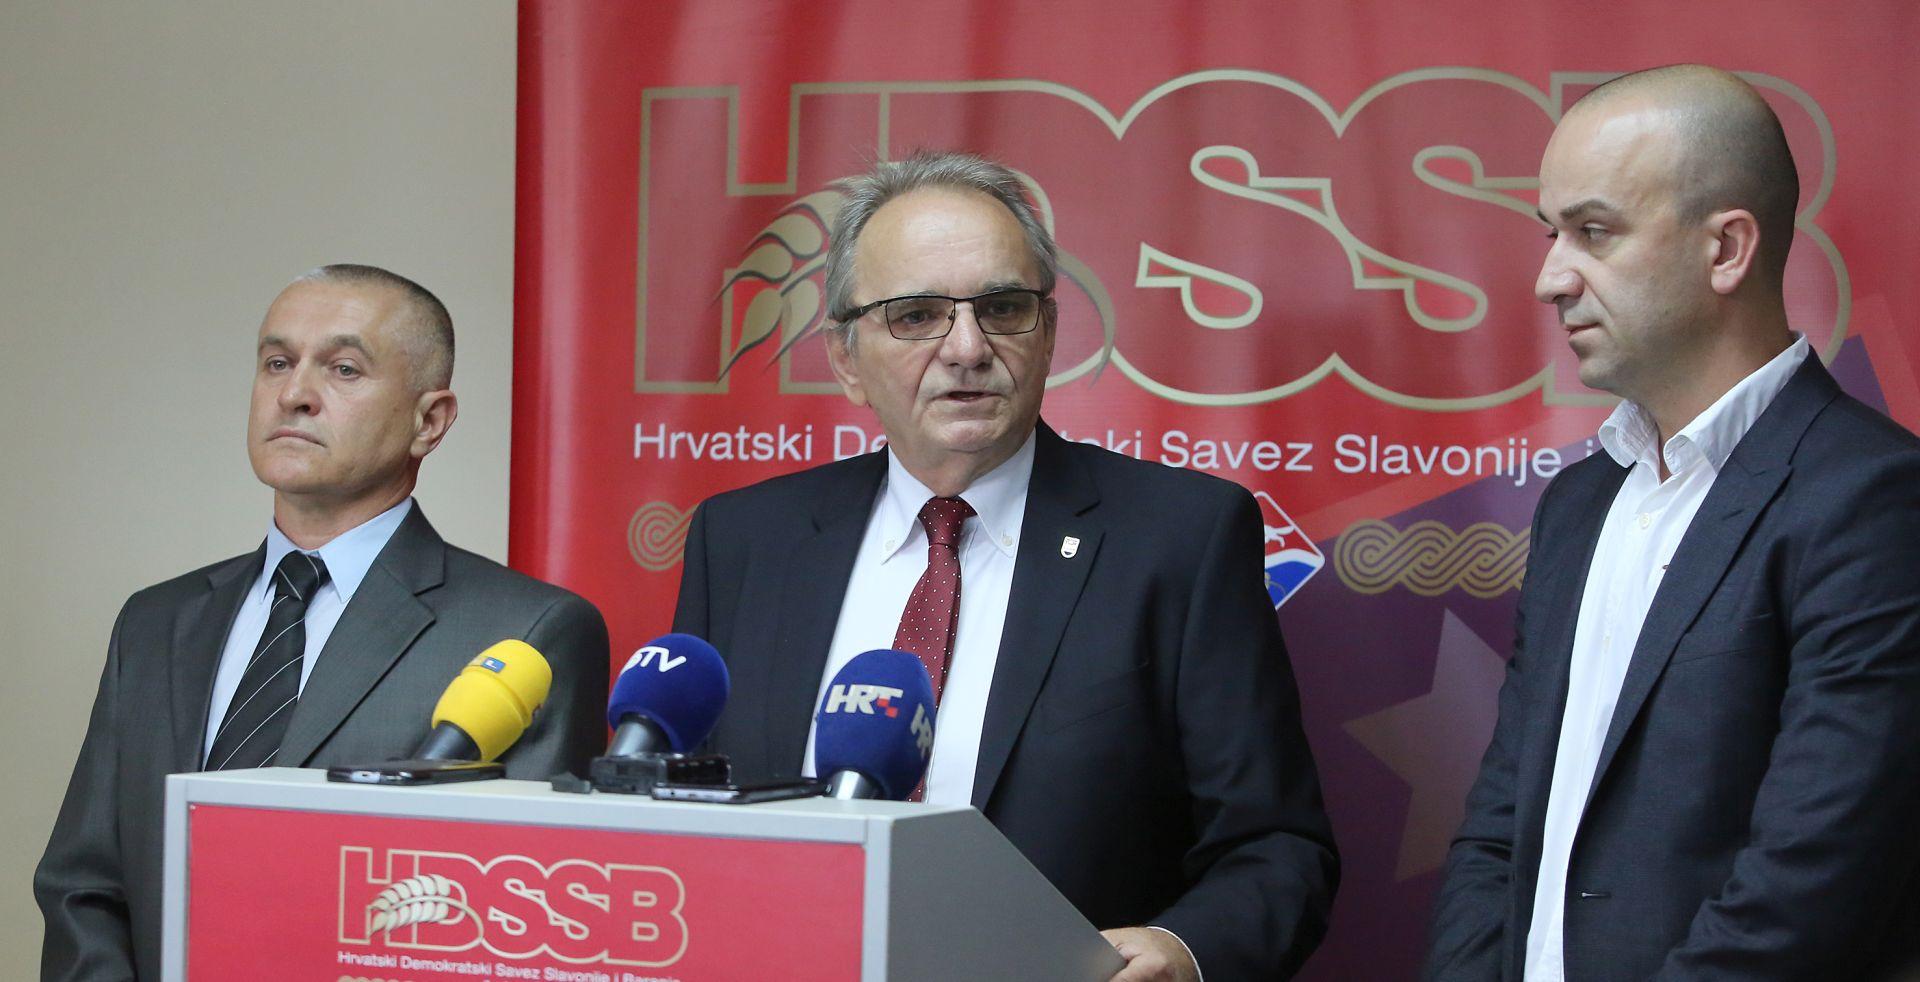 'Glasovat ću za usvajanje Istanbulske konvencije'